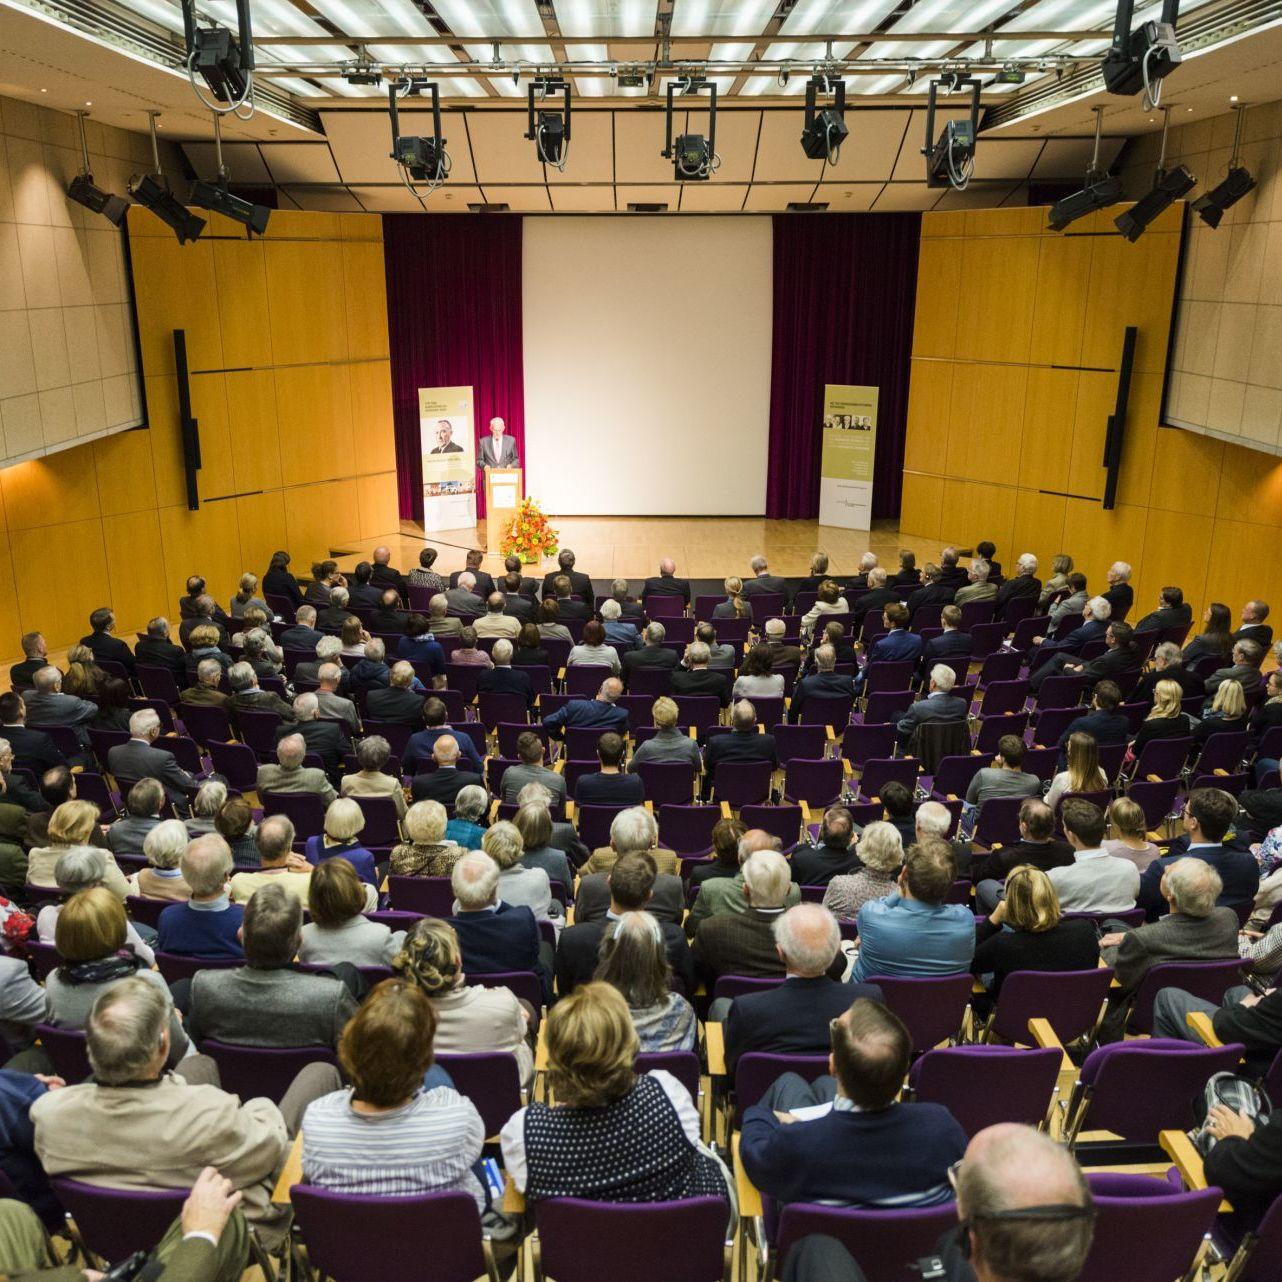 Der vollbesetzte Saal im Haus der Geschichte Bonn bei einer Veranstaltung